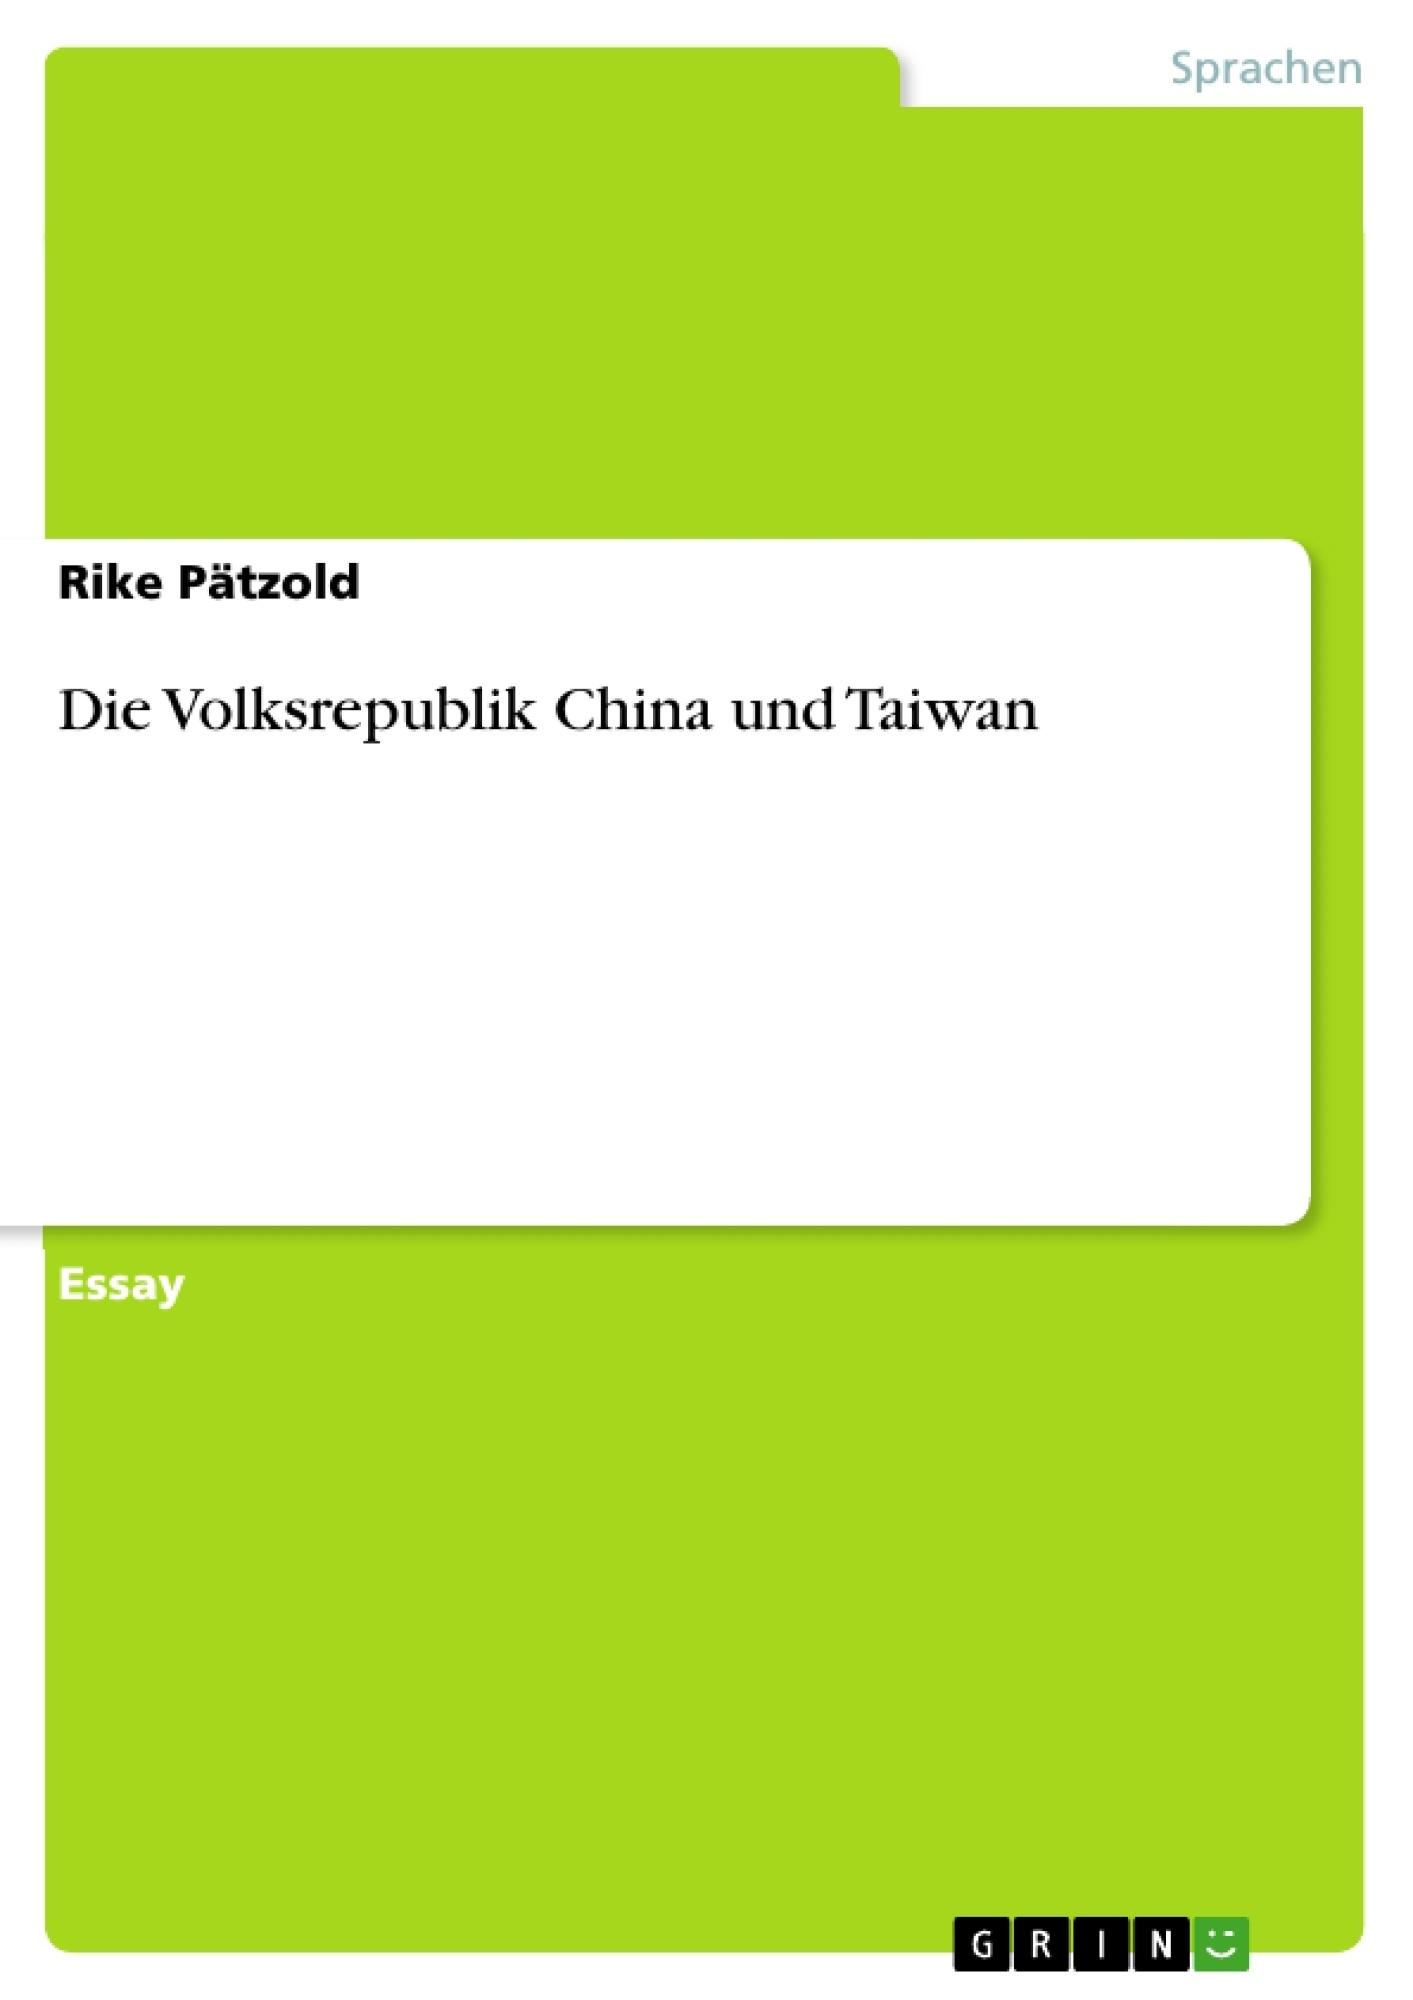 Titel: Die Volksrepublik China und Taiwan